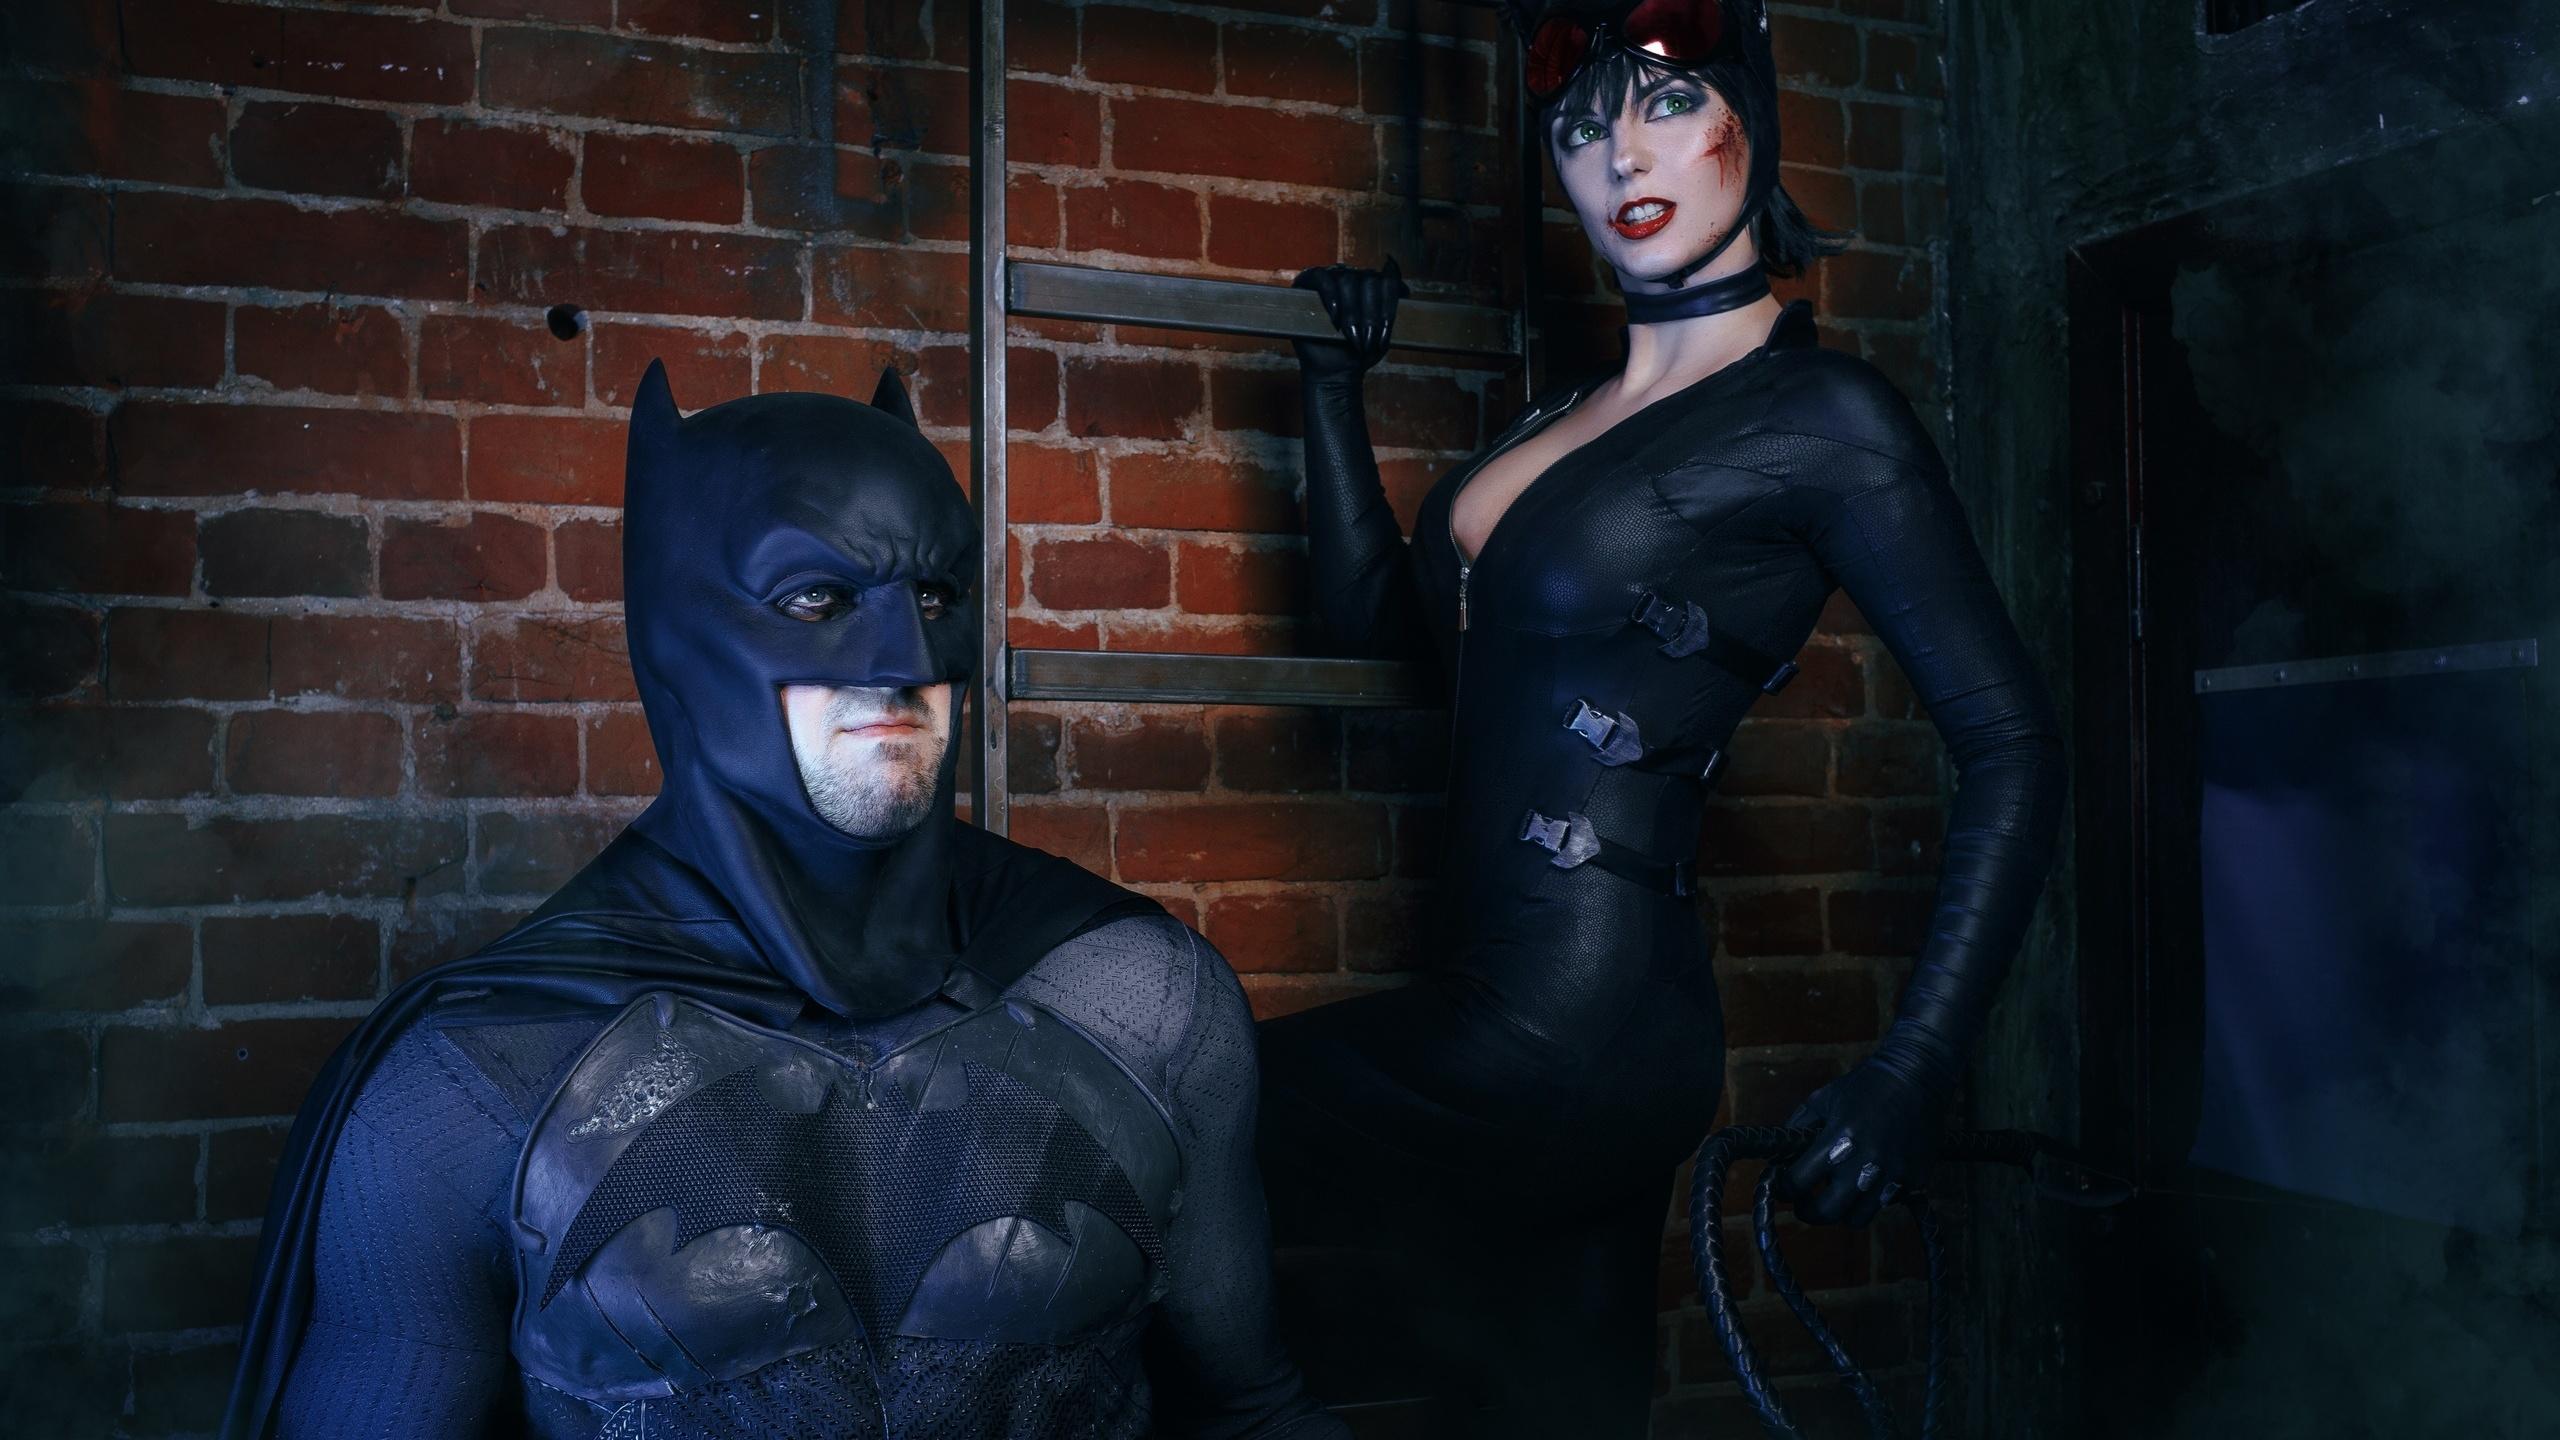 catwoman, batman, comics, cosplay, косплей, ds, ds comics